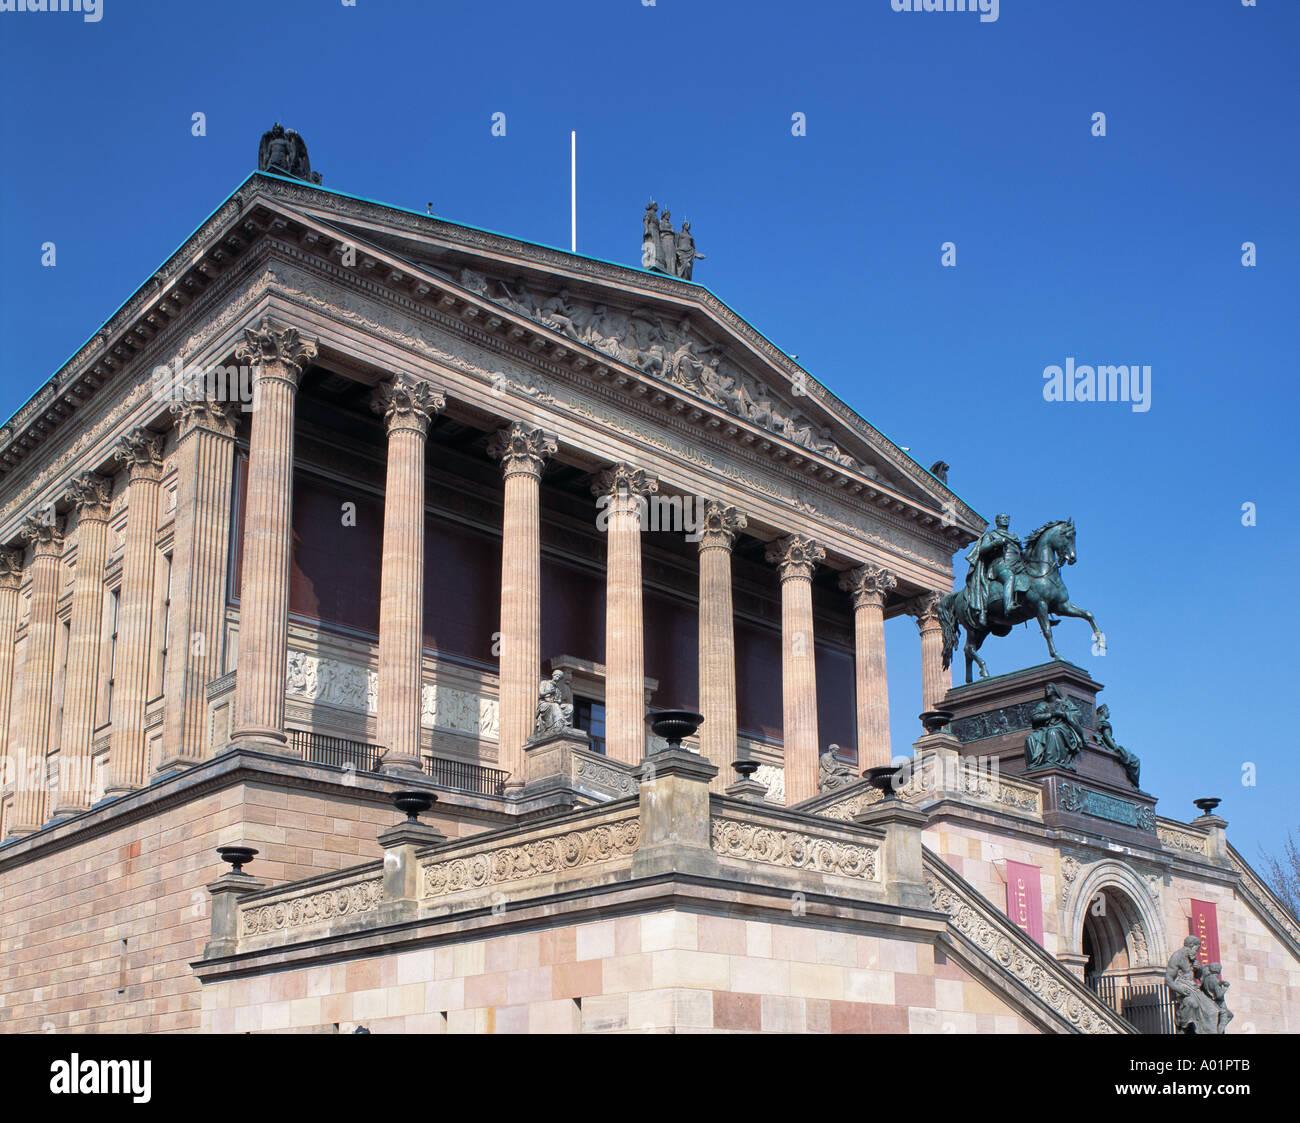 Alte Nationalgalerie, Baustil eines Tempels, Saeulenreihe, Ionische Saeulen, Reiterdenkmal Koenig Friedrich Wilhelm IV, Reiterstatue, Berlin - Stock Image